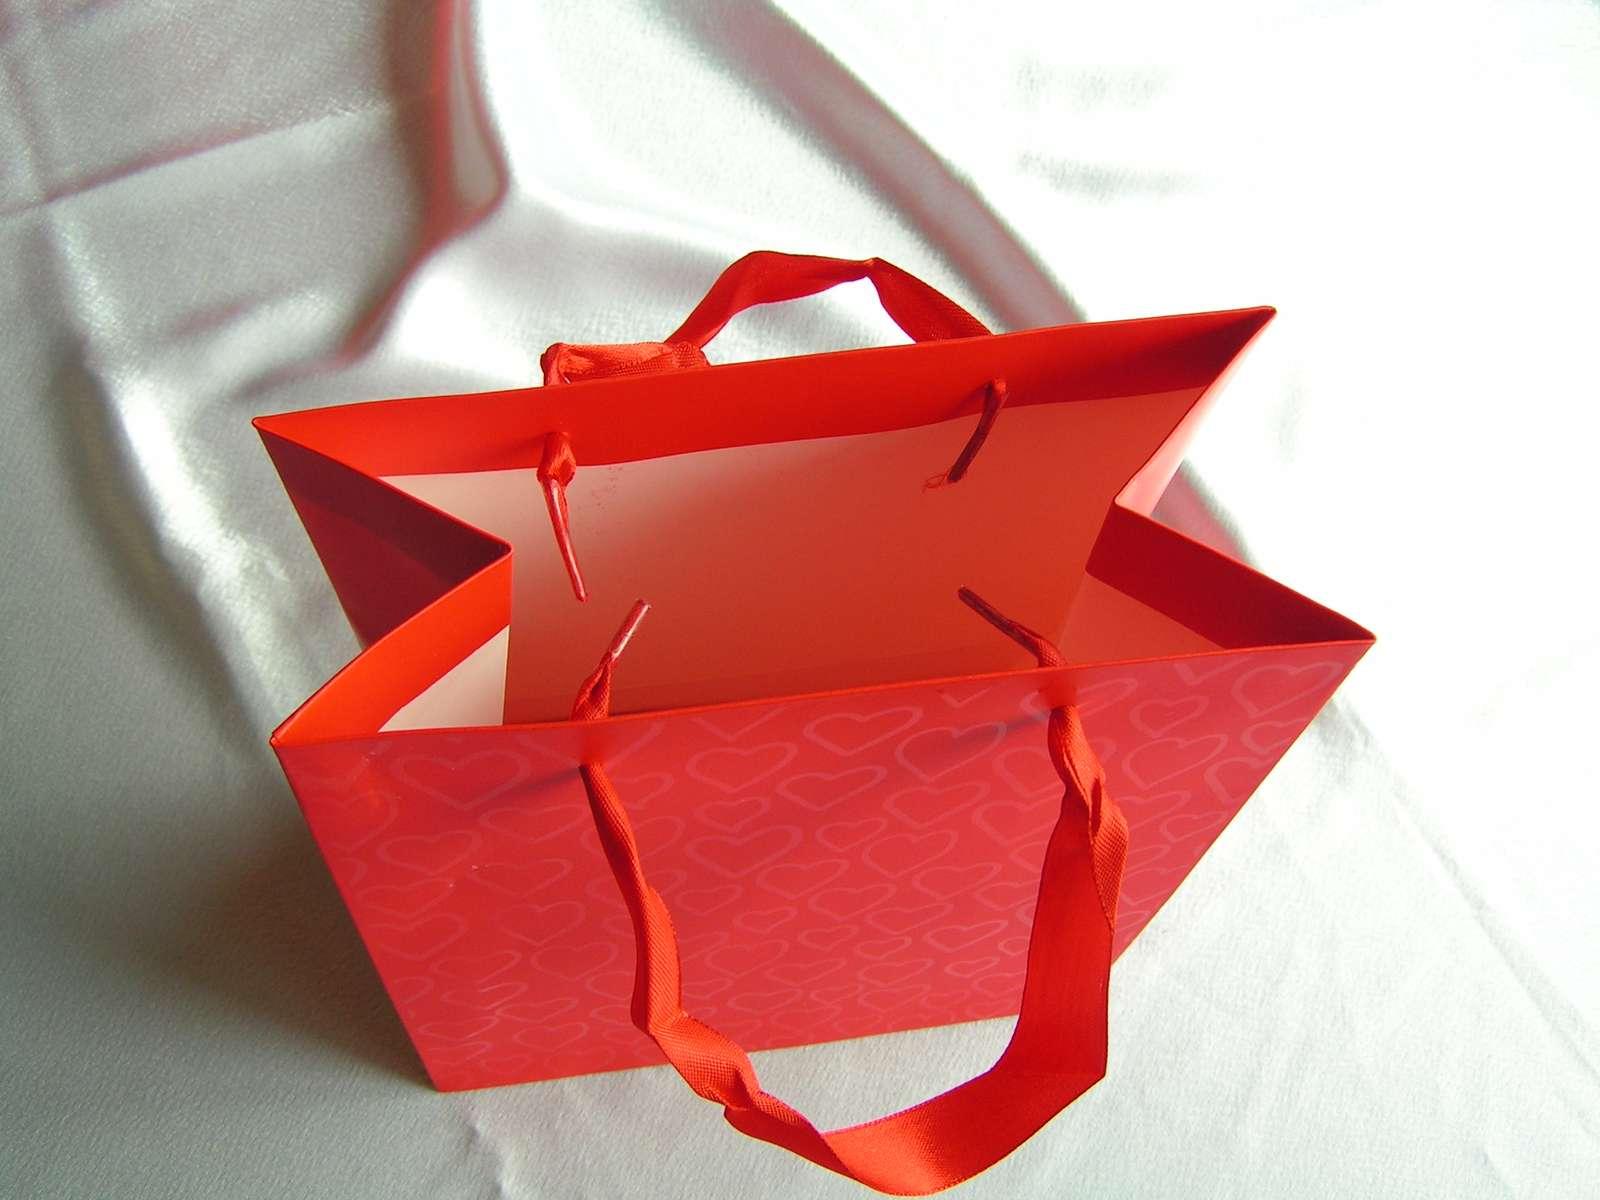 Dárková taška 18 x 23 cm - Obrázek č. 2